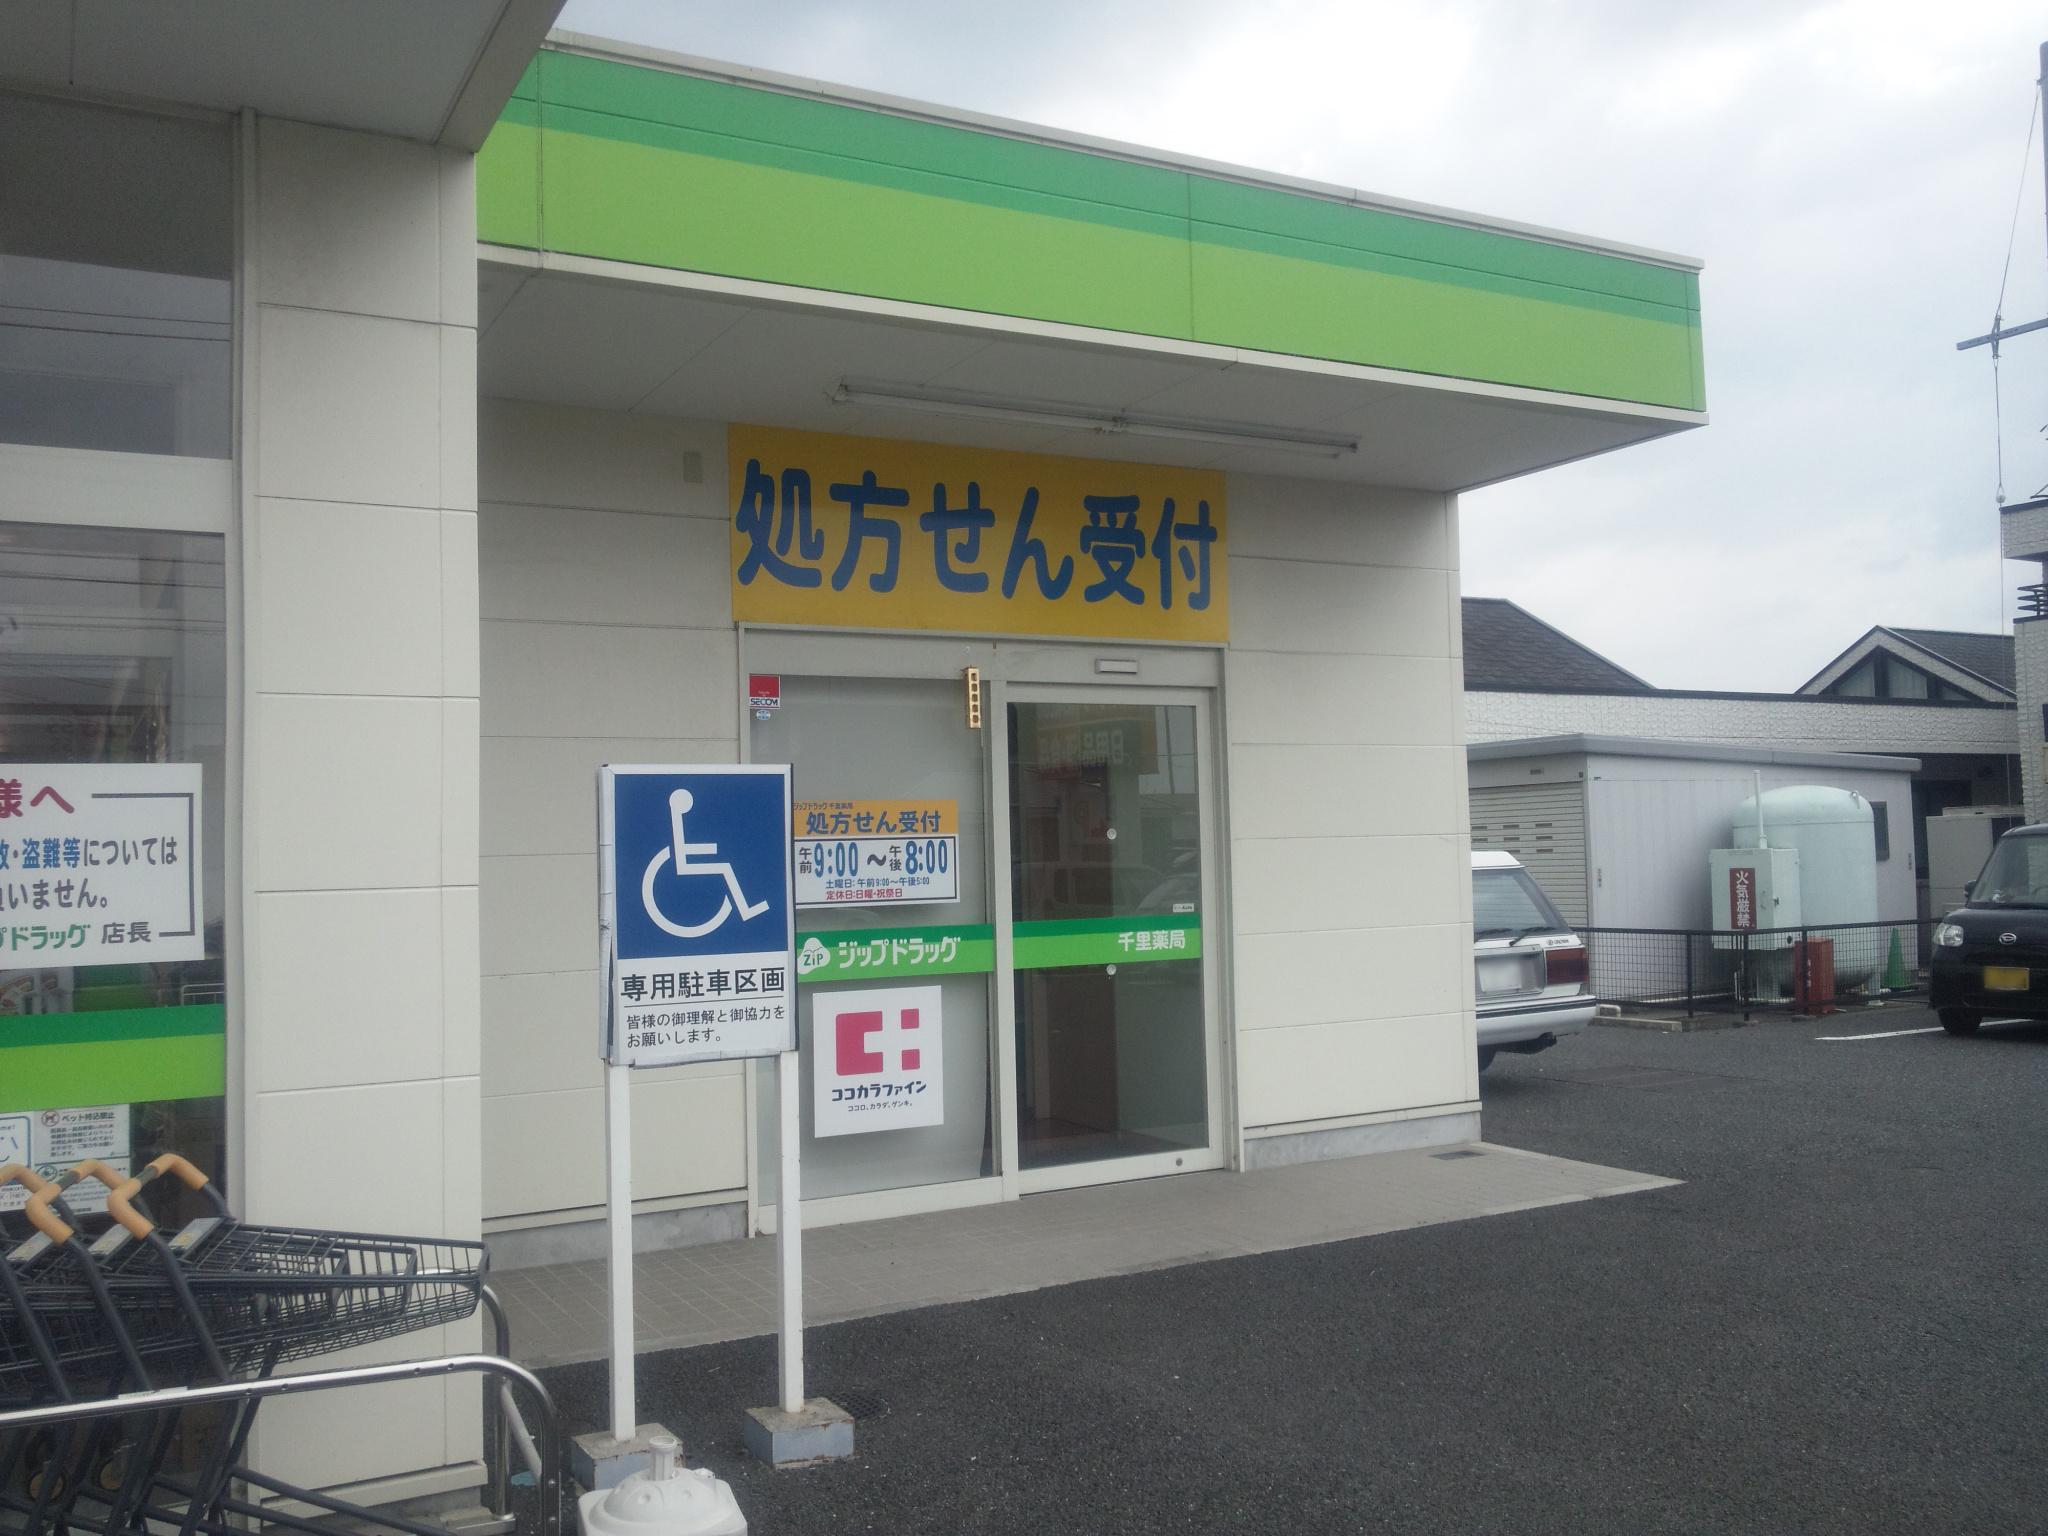 ジップドラッグ千里薬局の外観(入口)